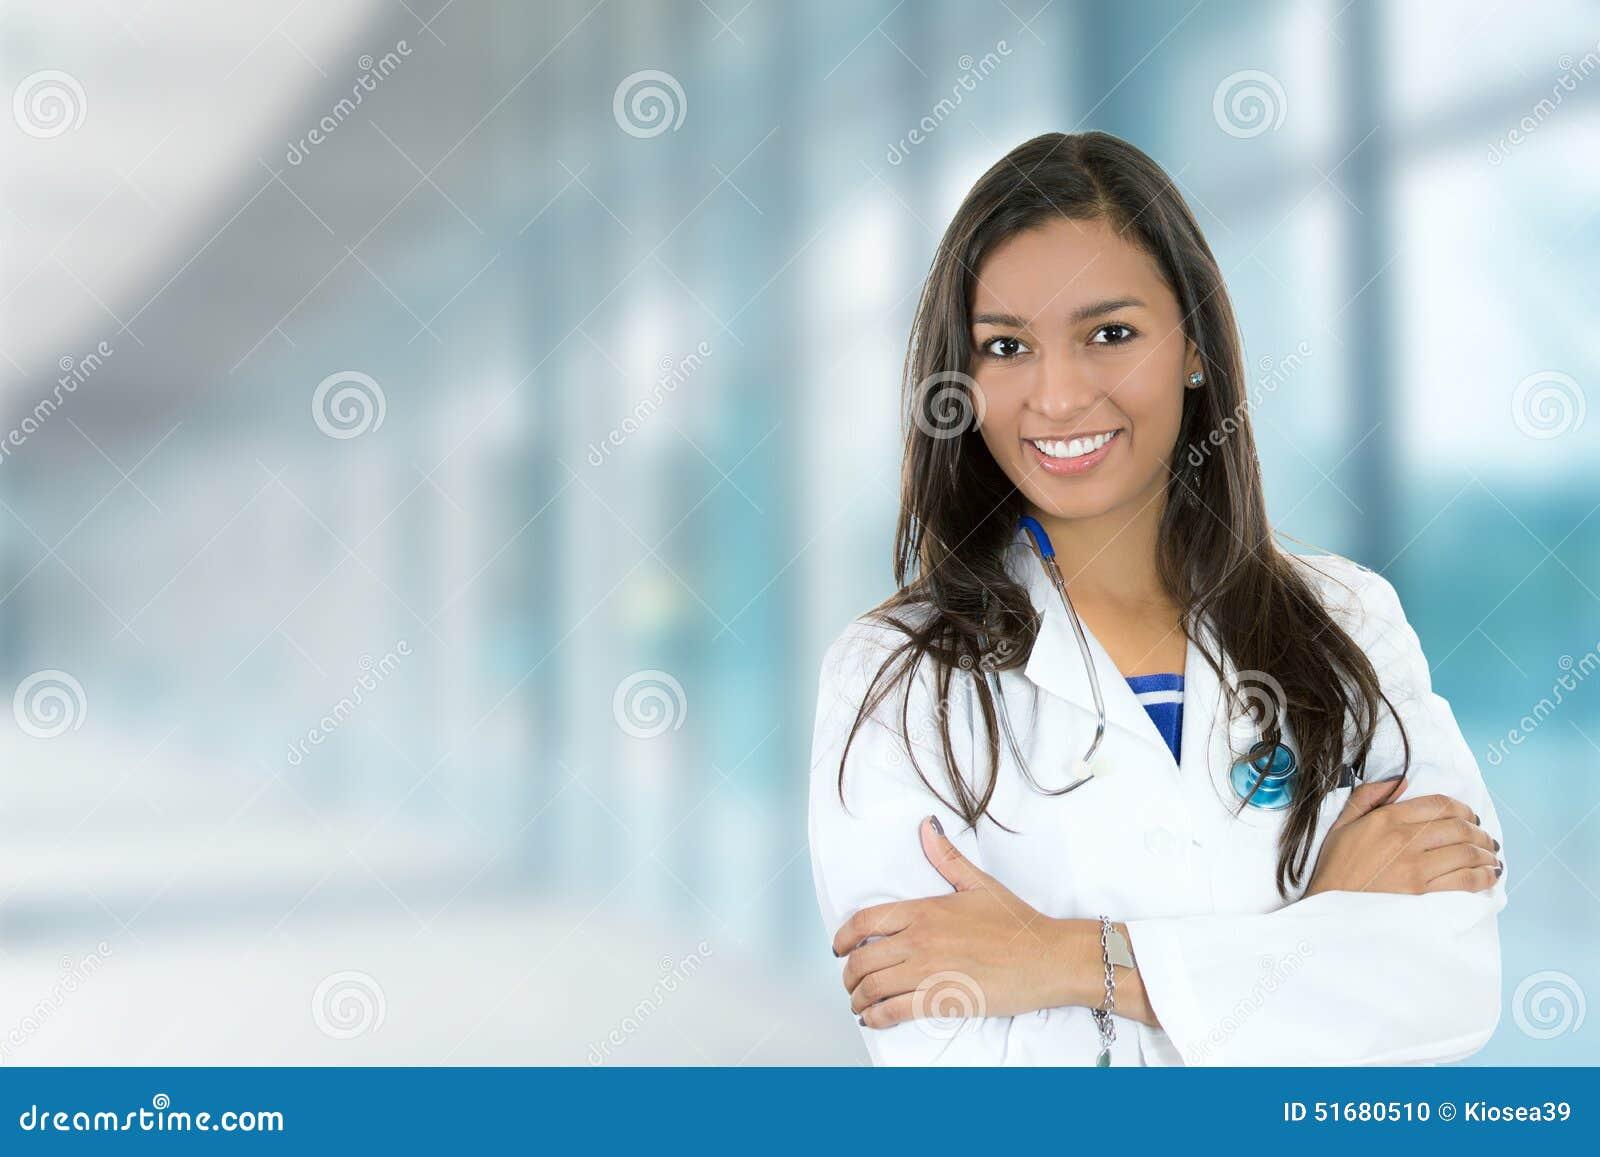 Profissional médico do doutor fêmea novo seguro no hospital